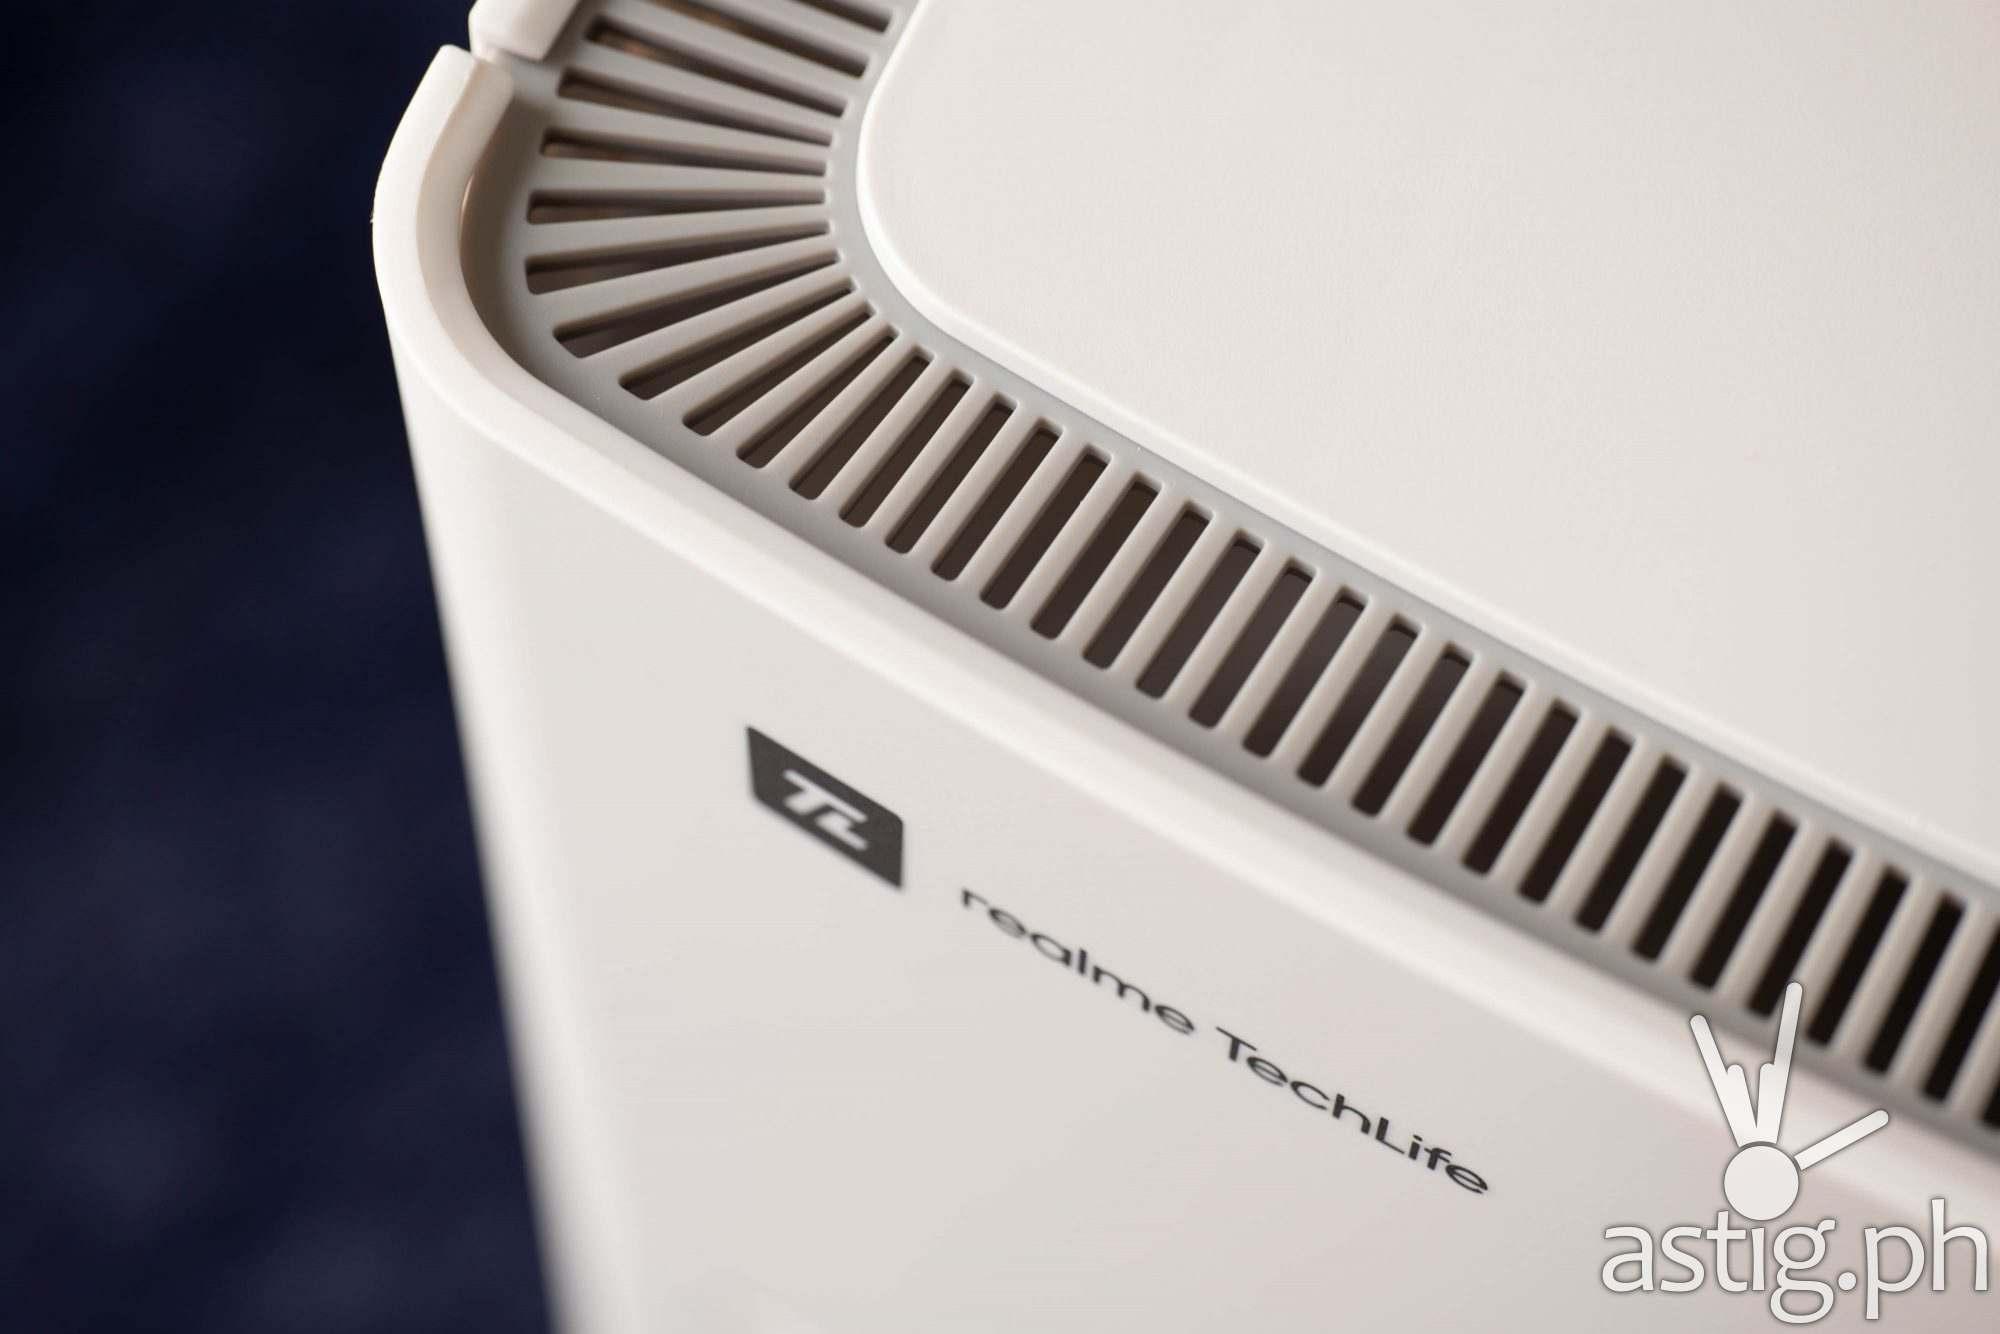 realme TechLife logo closeup - realme TechLife Air Purifier